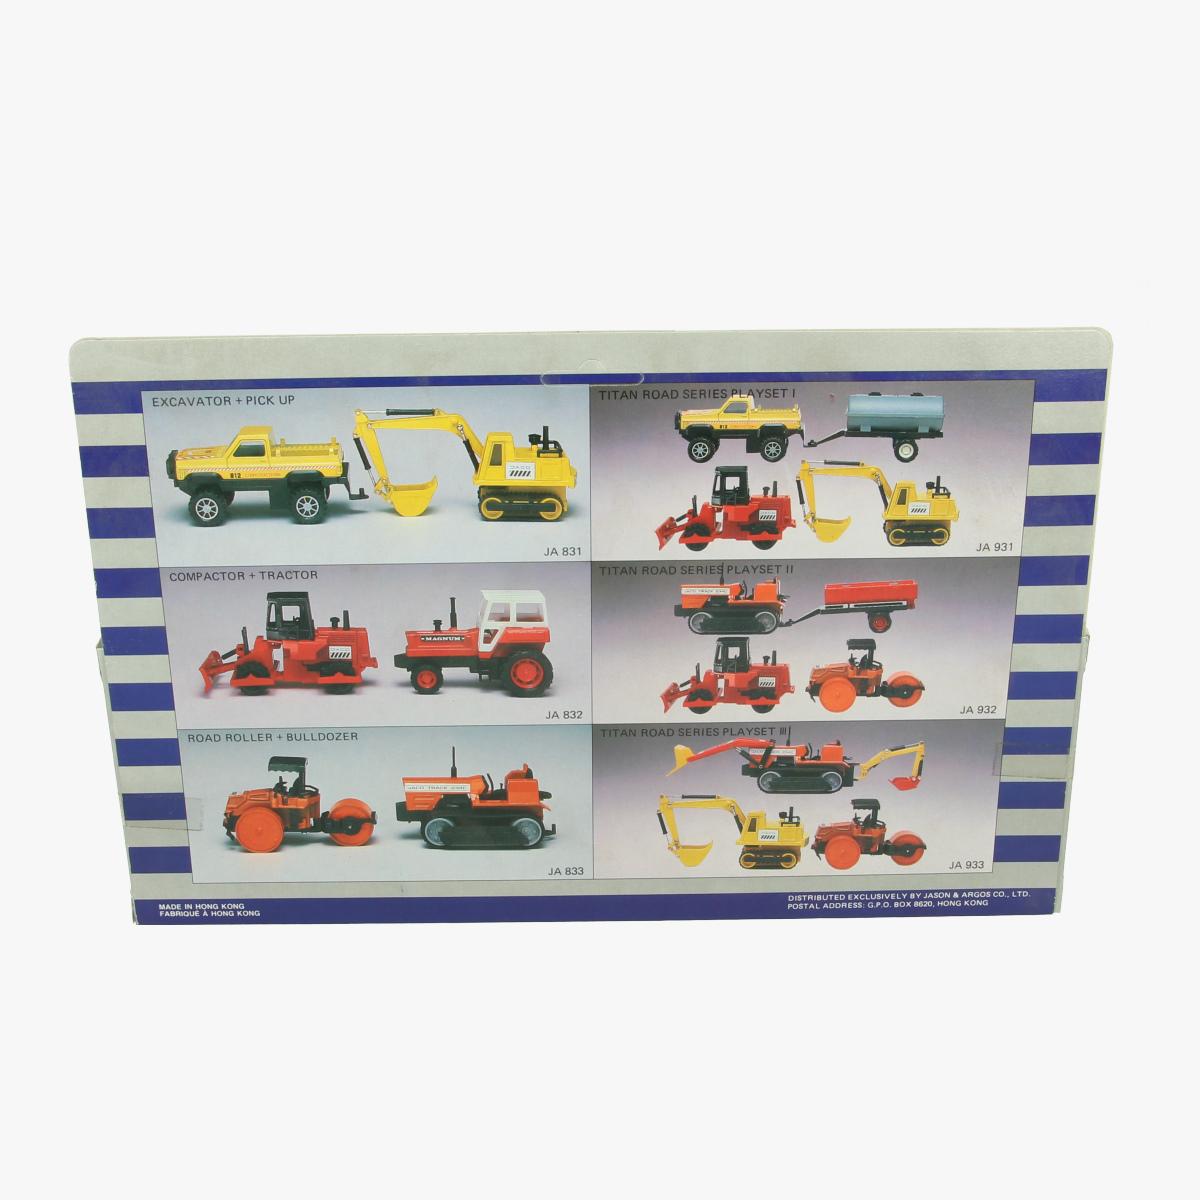 Afbeeldingen van Titan Road Series-Dual Set. Tractor.